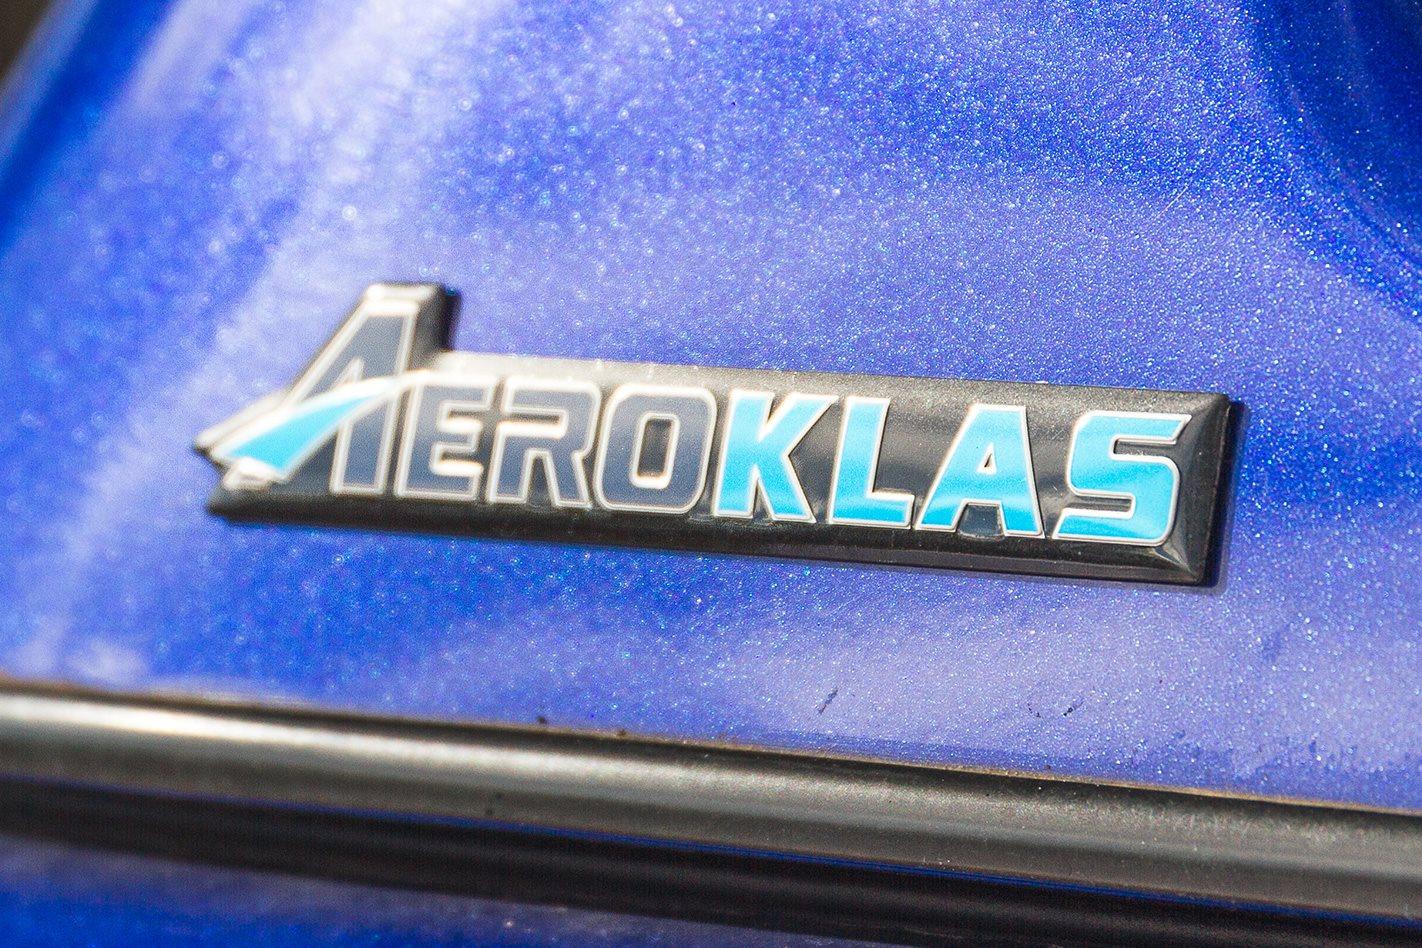 Aeroklas ABS canopy badge